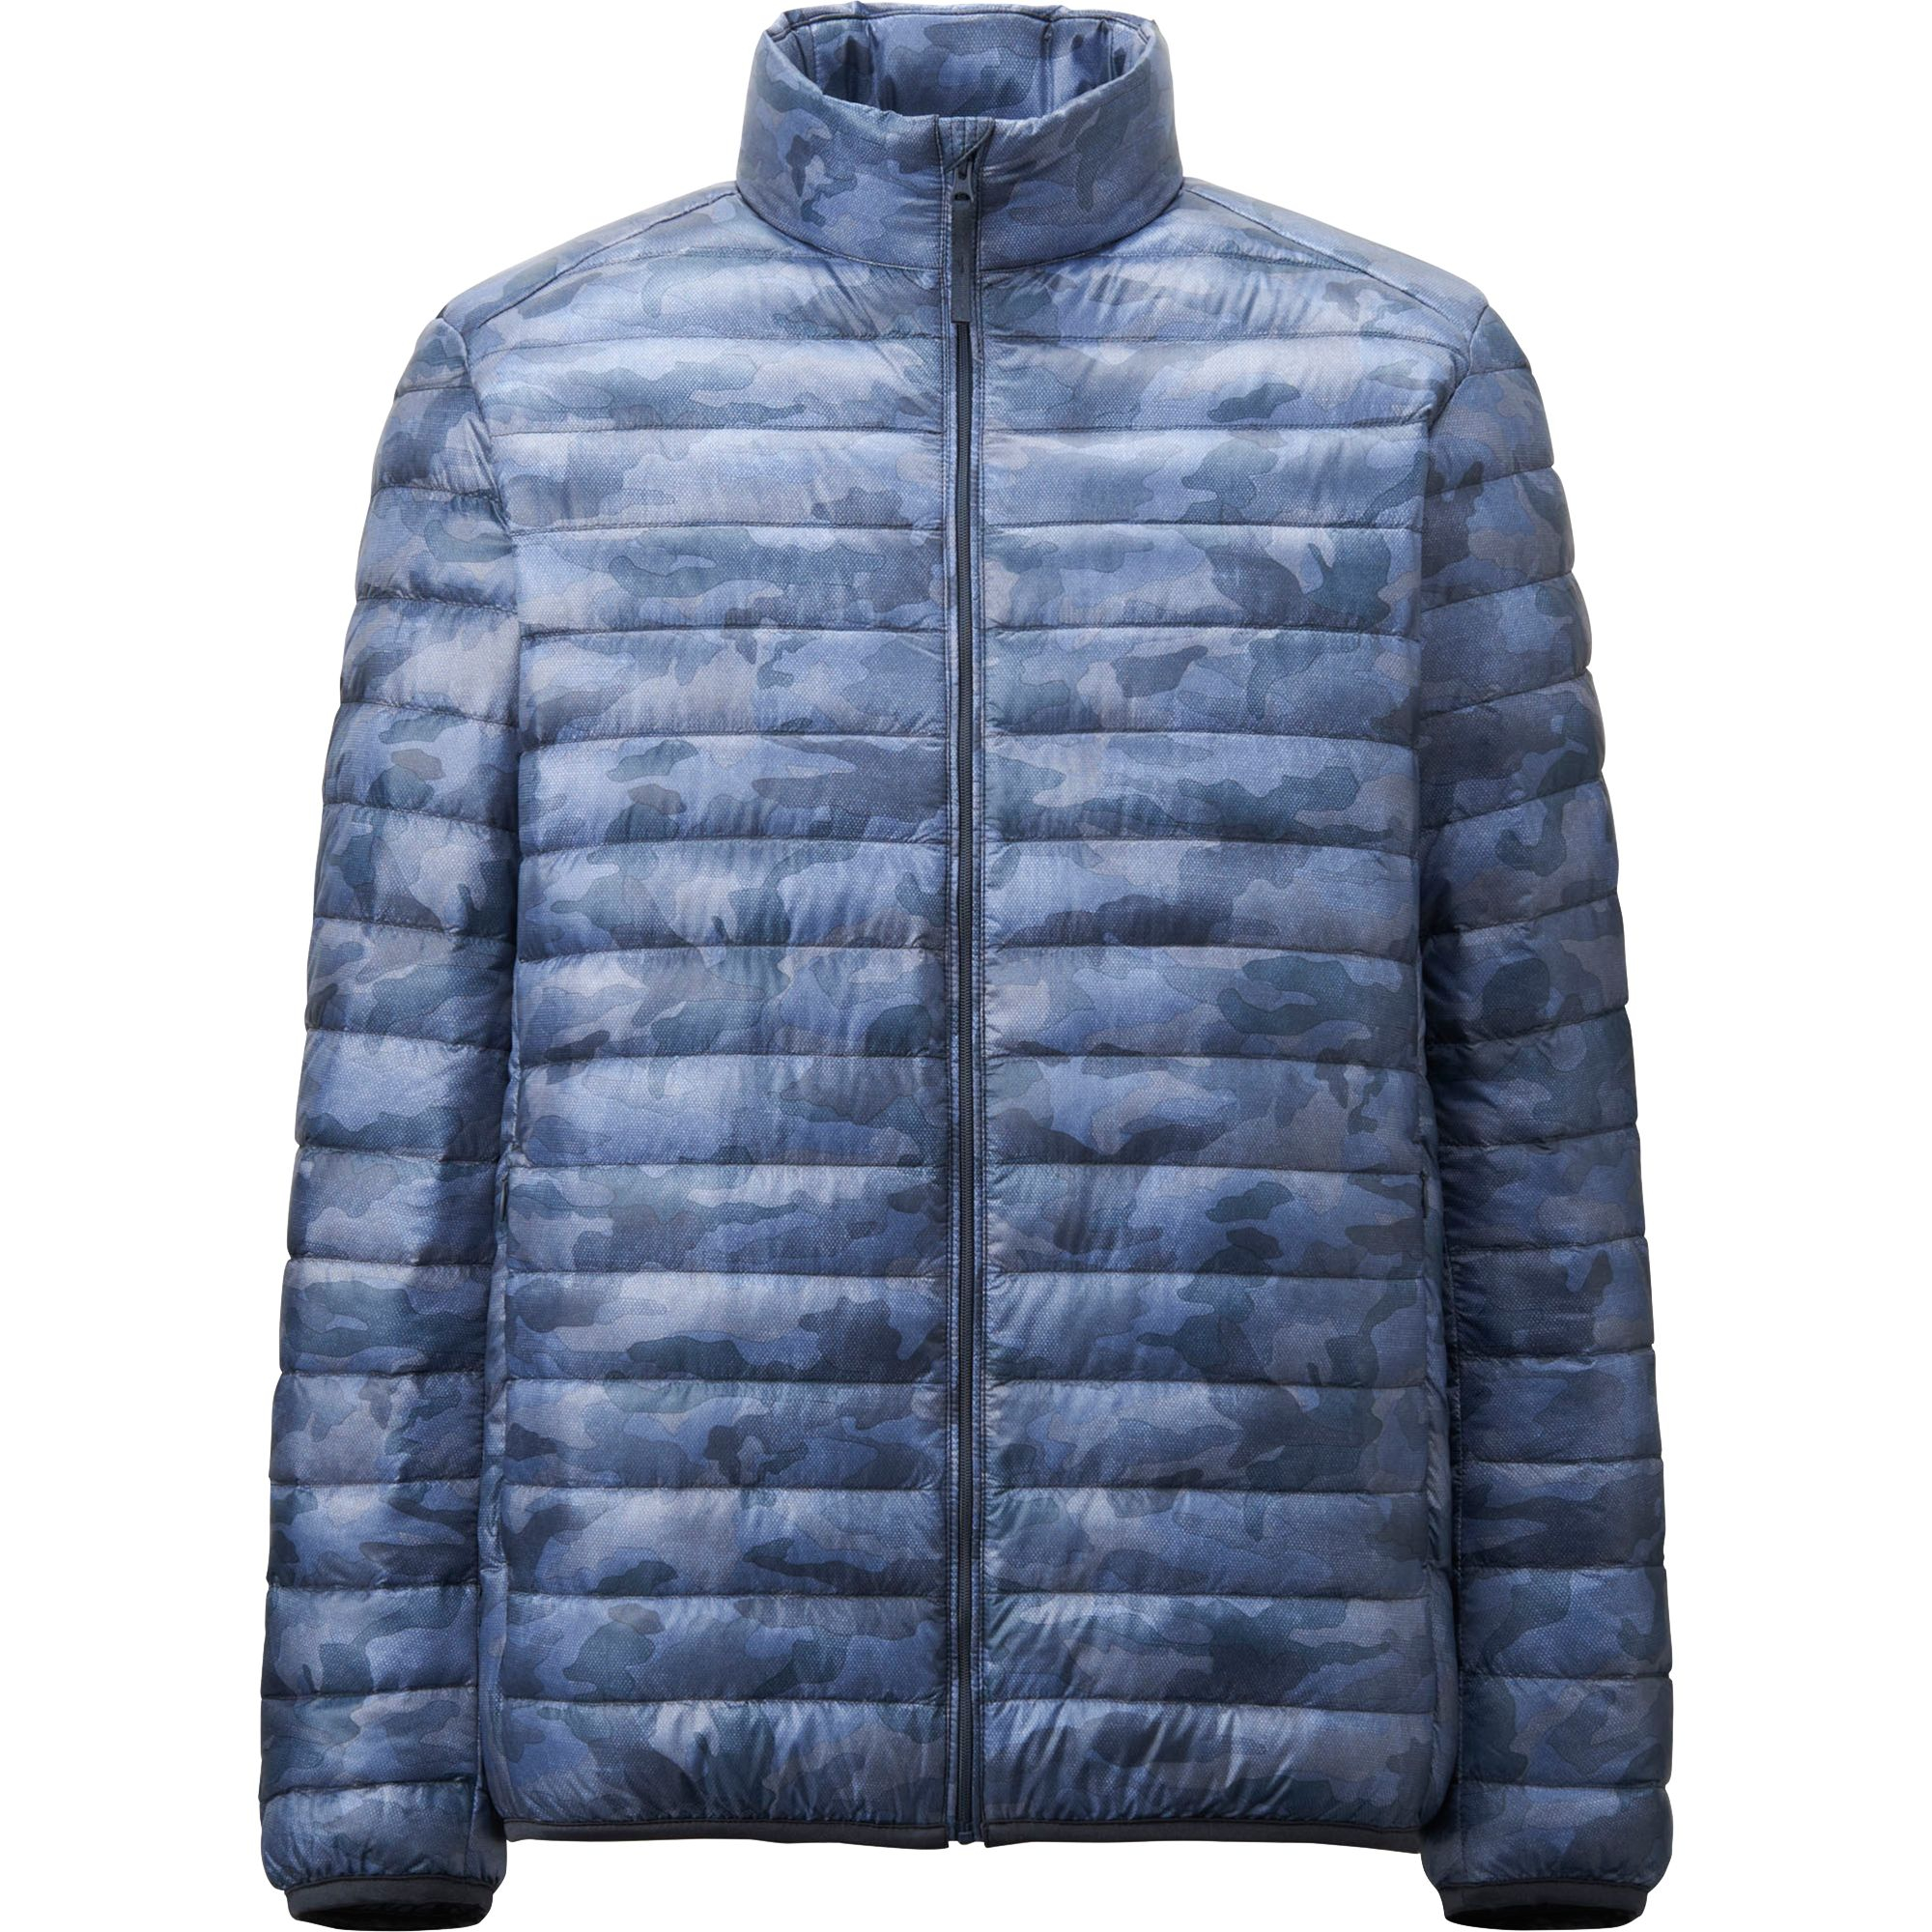 uniqlo men water defender ultra light down jacket in blue for men. Black Bedroom Furniture Sets. Home Design Ideas